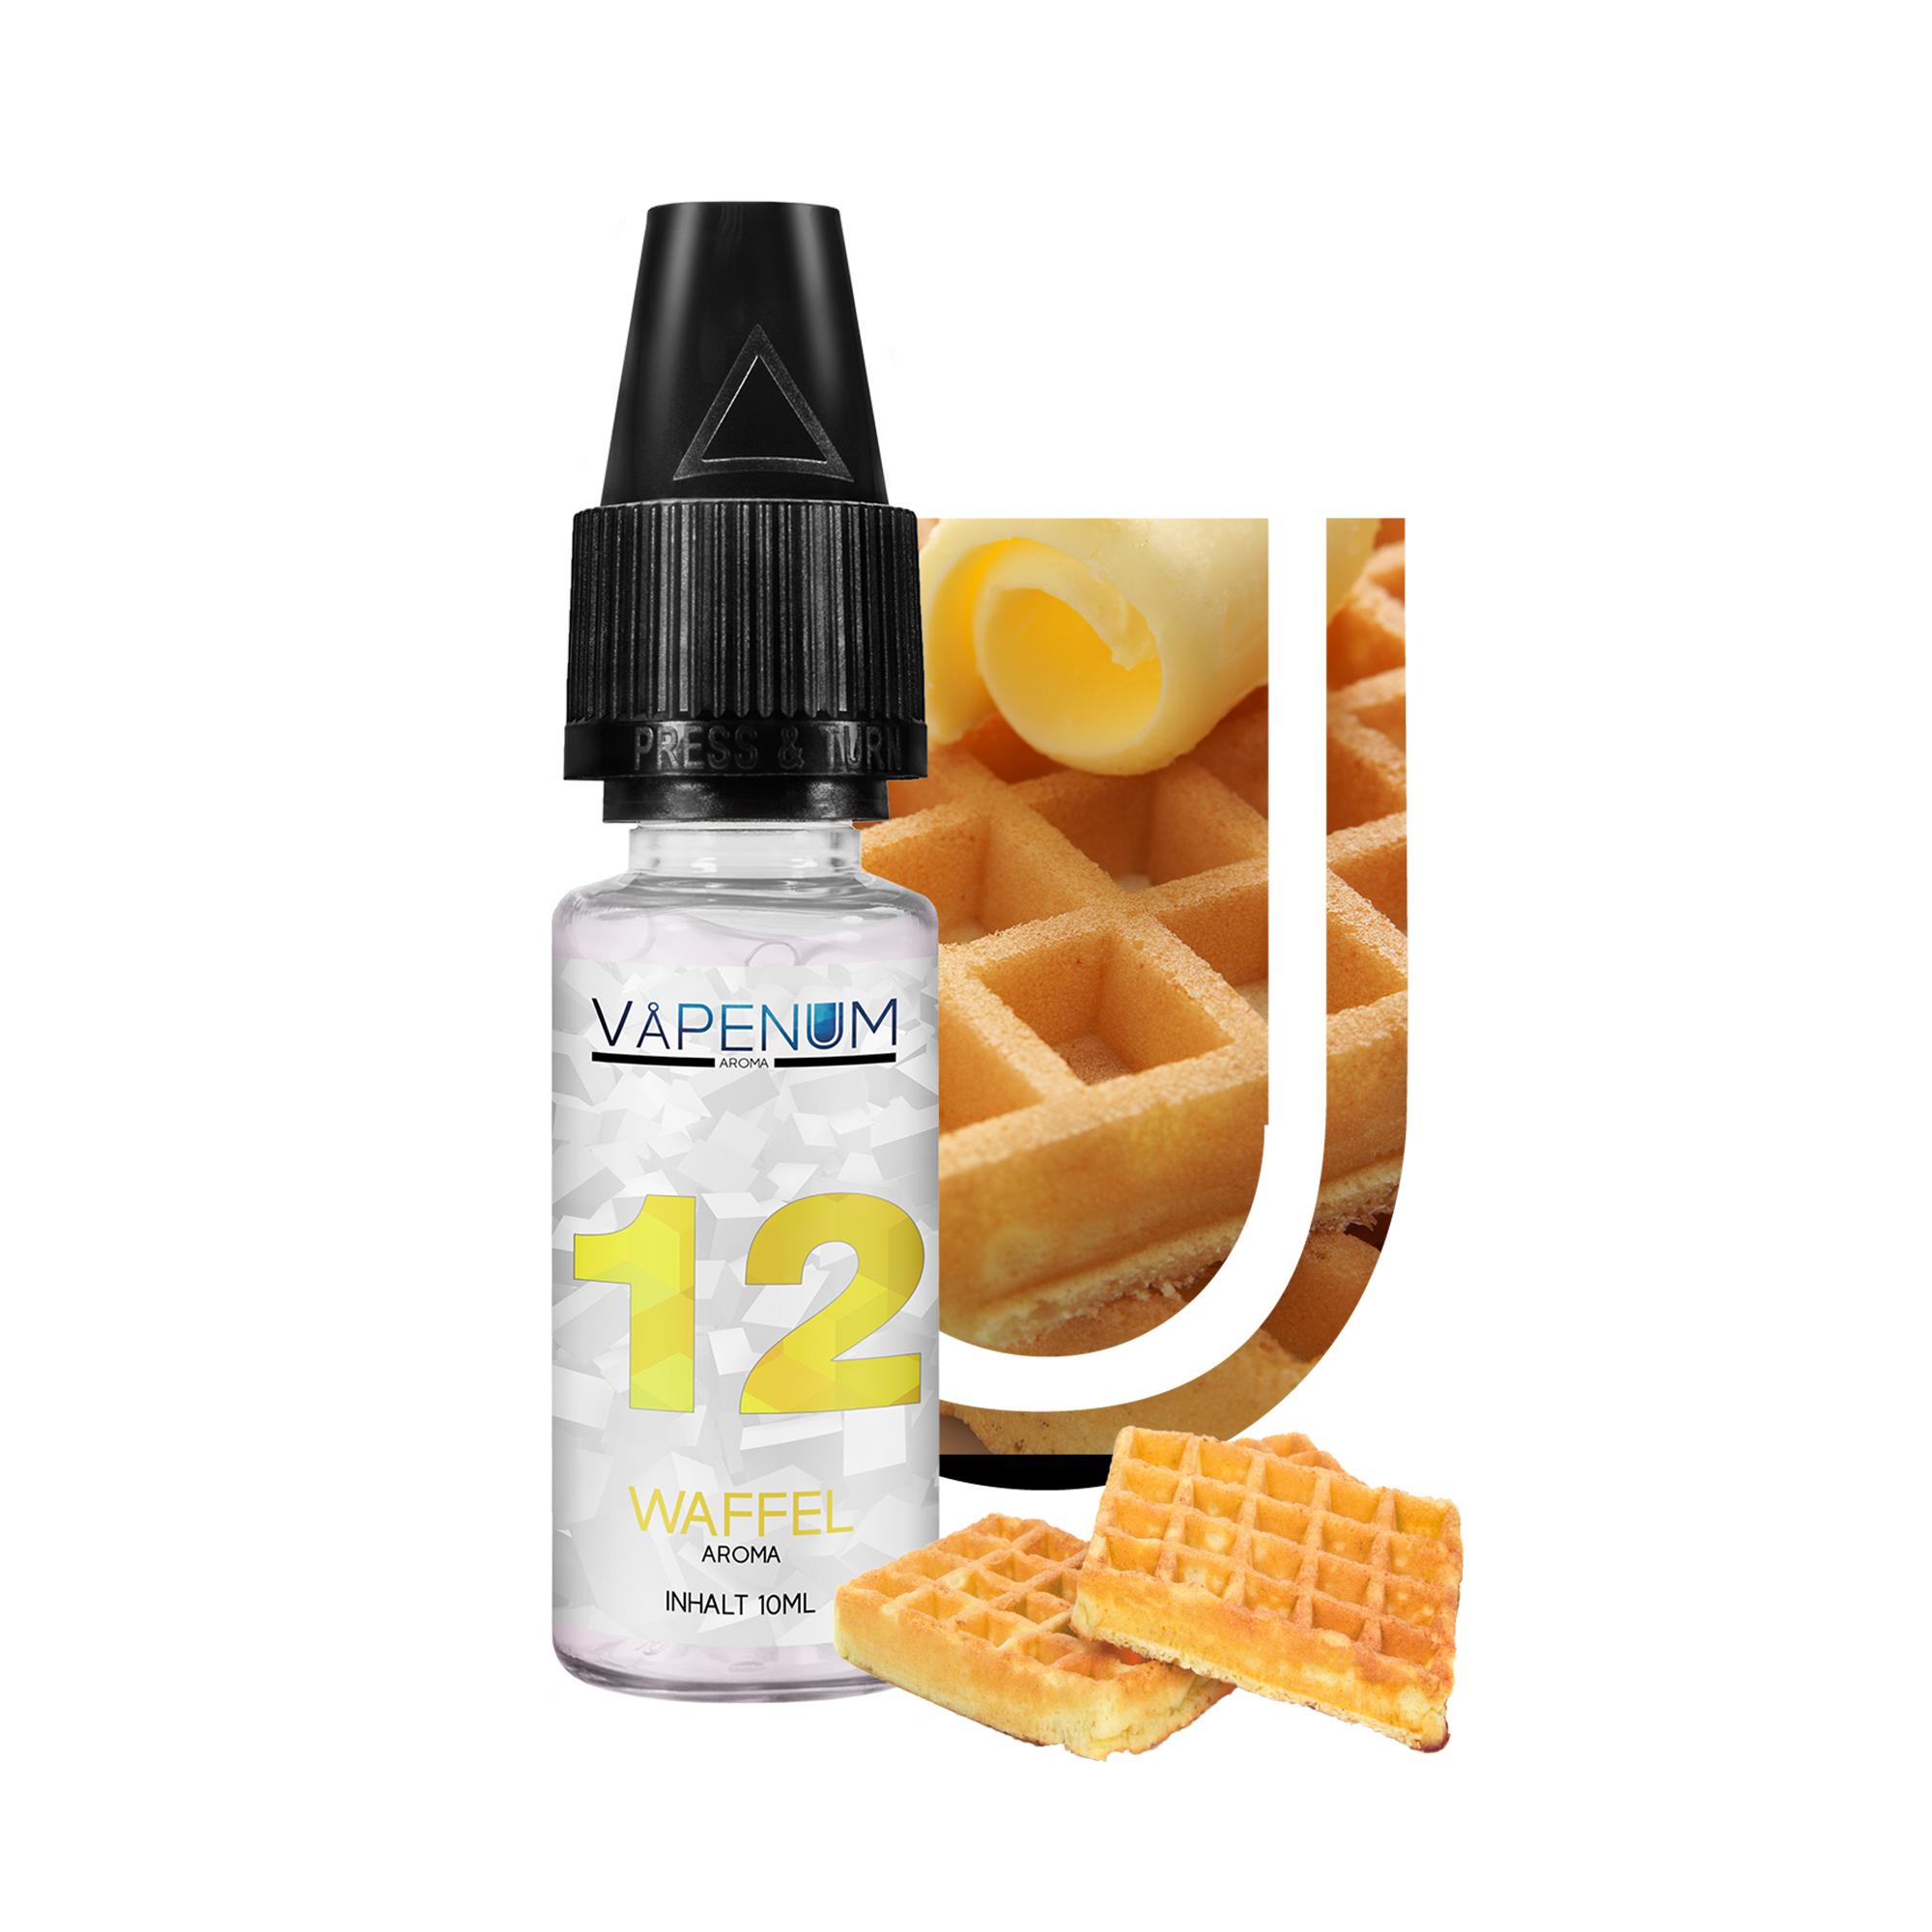 12 - Waffel Aroma by Vapenum